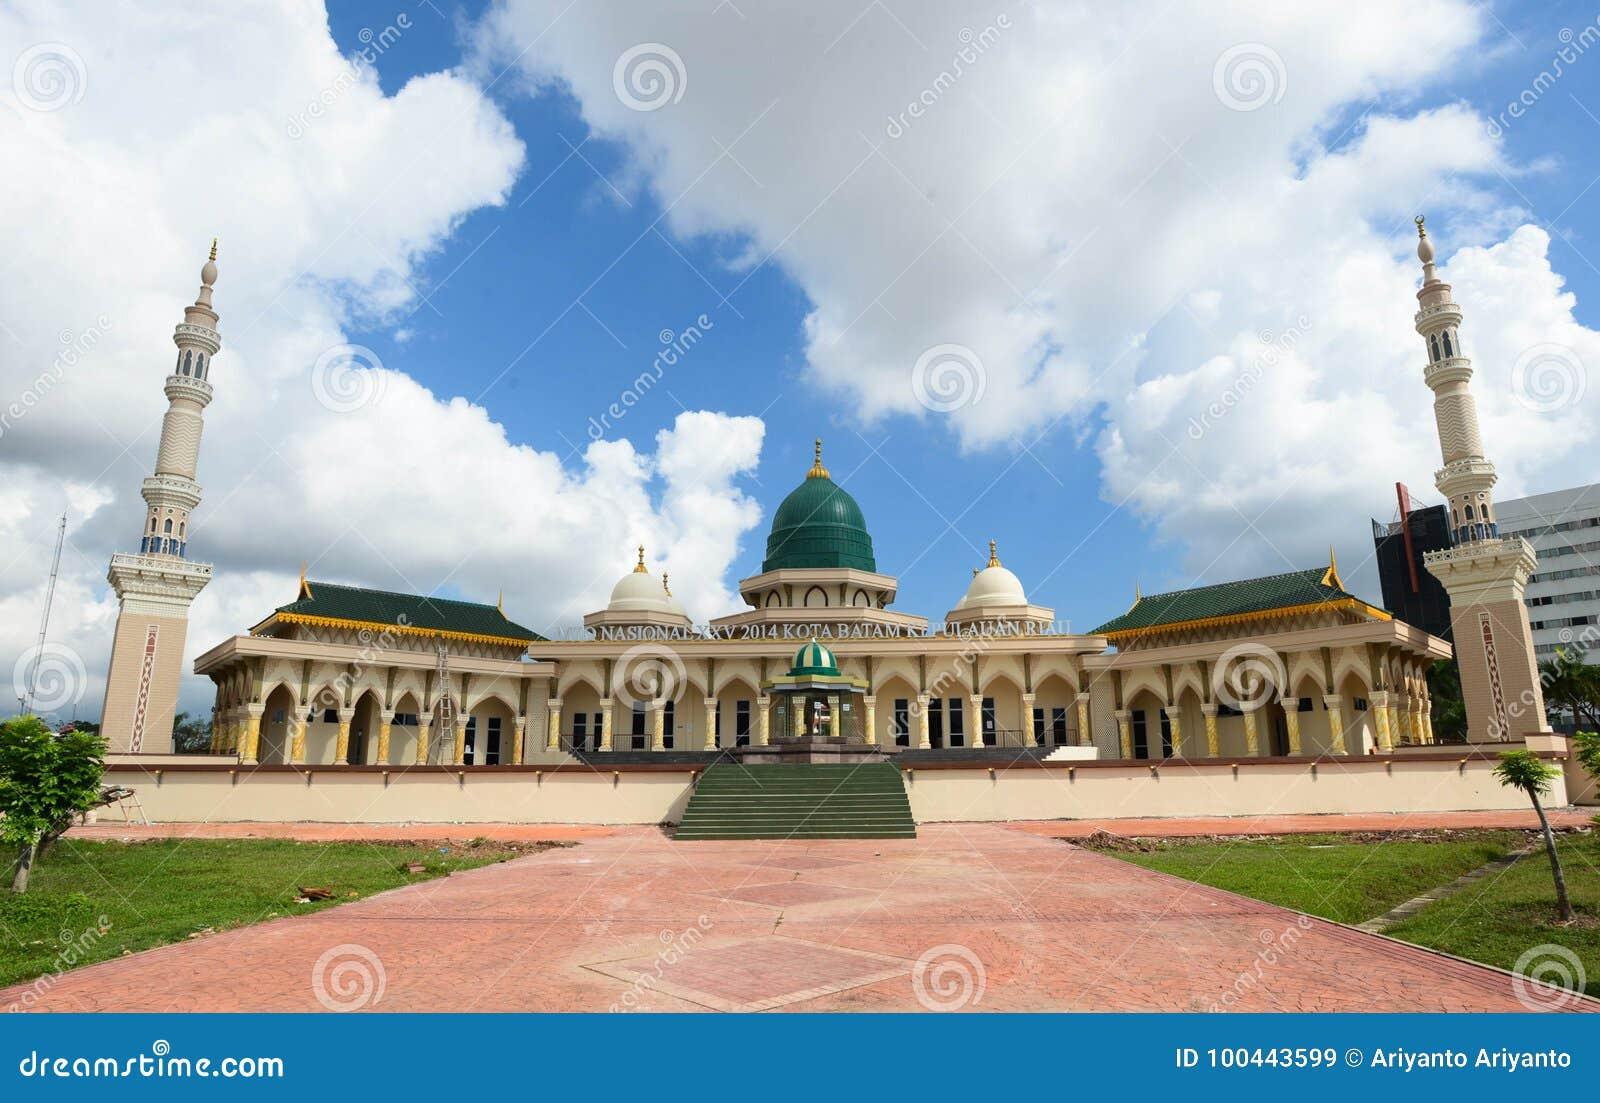 Mesquita moderna um lugar de culto para seguidores do Islã